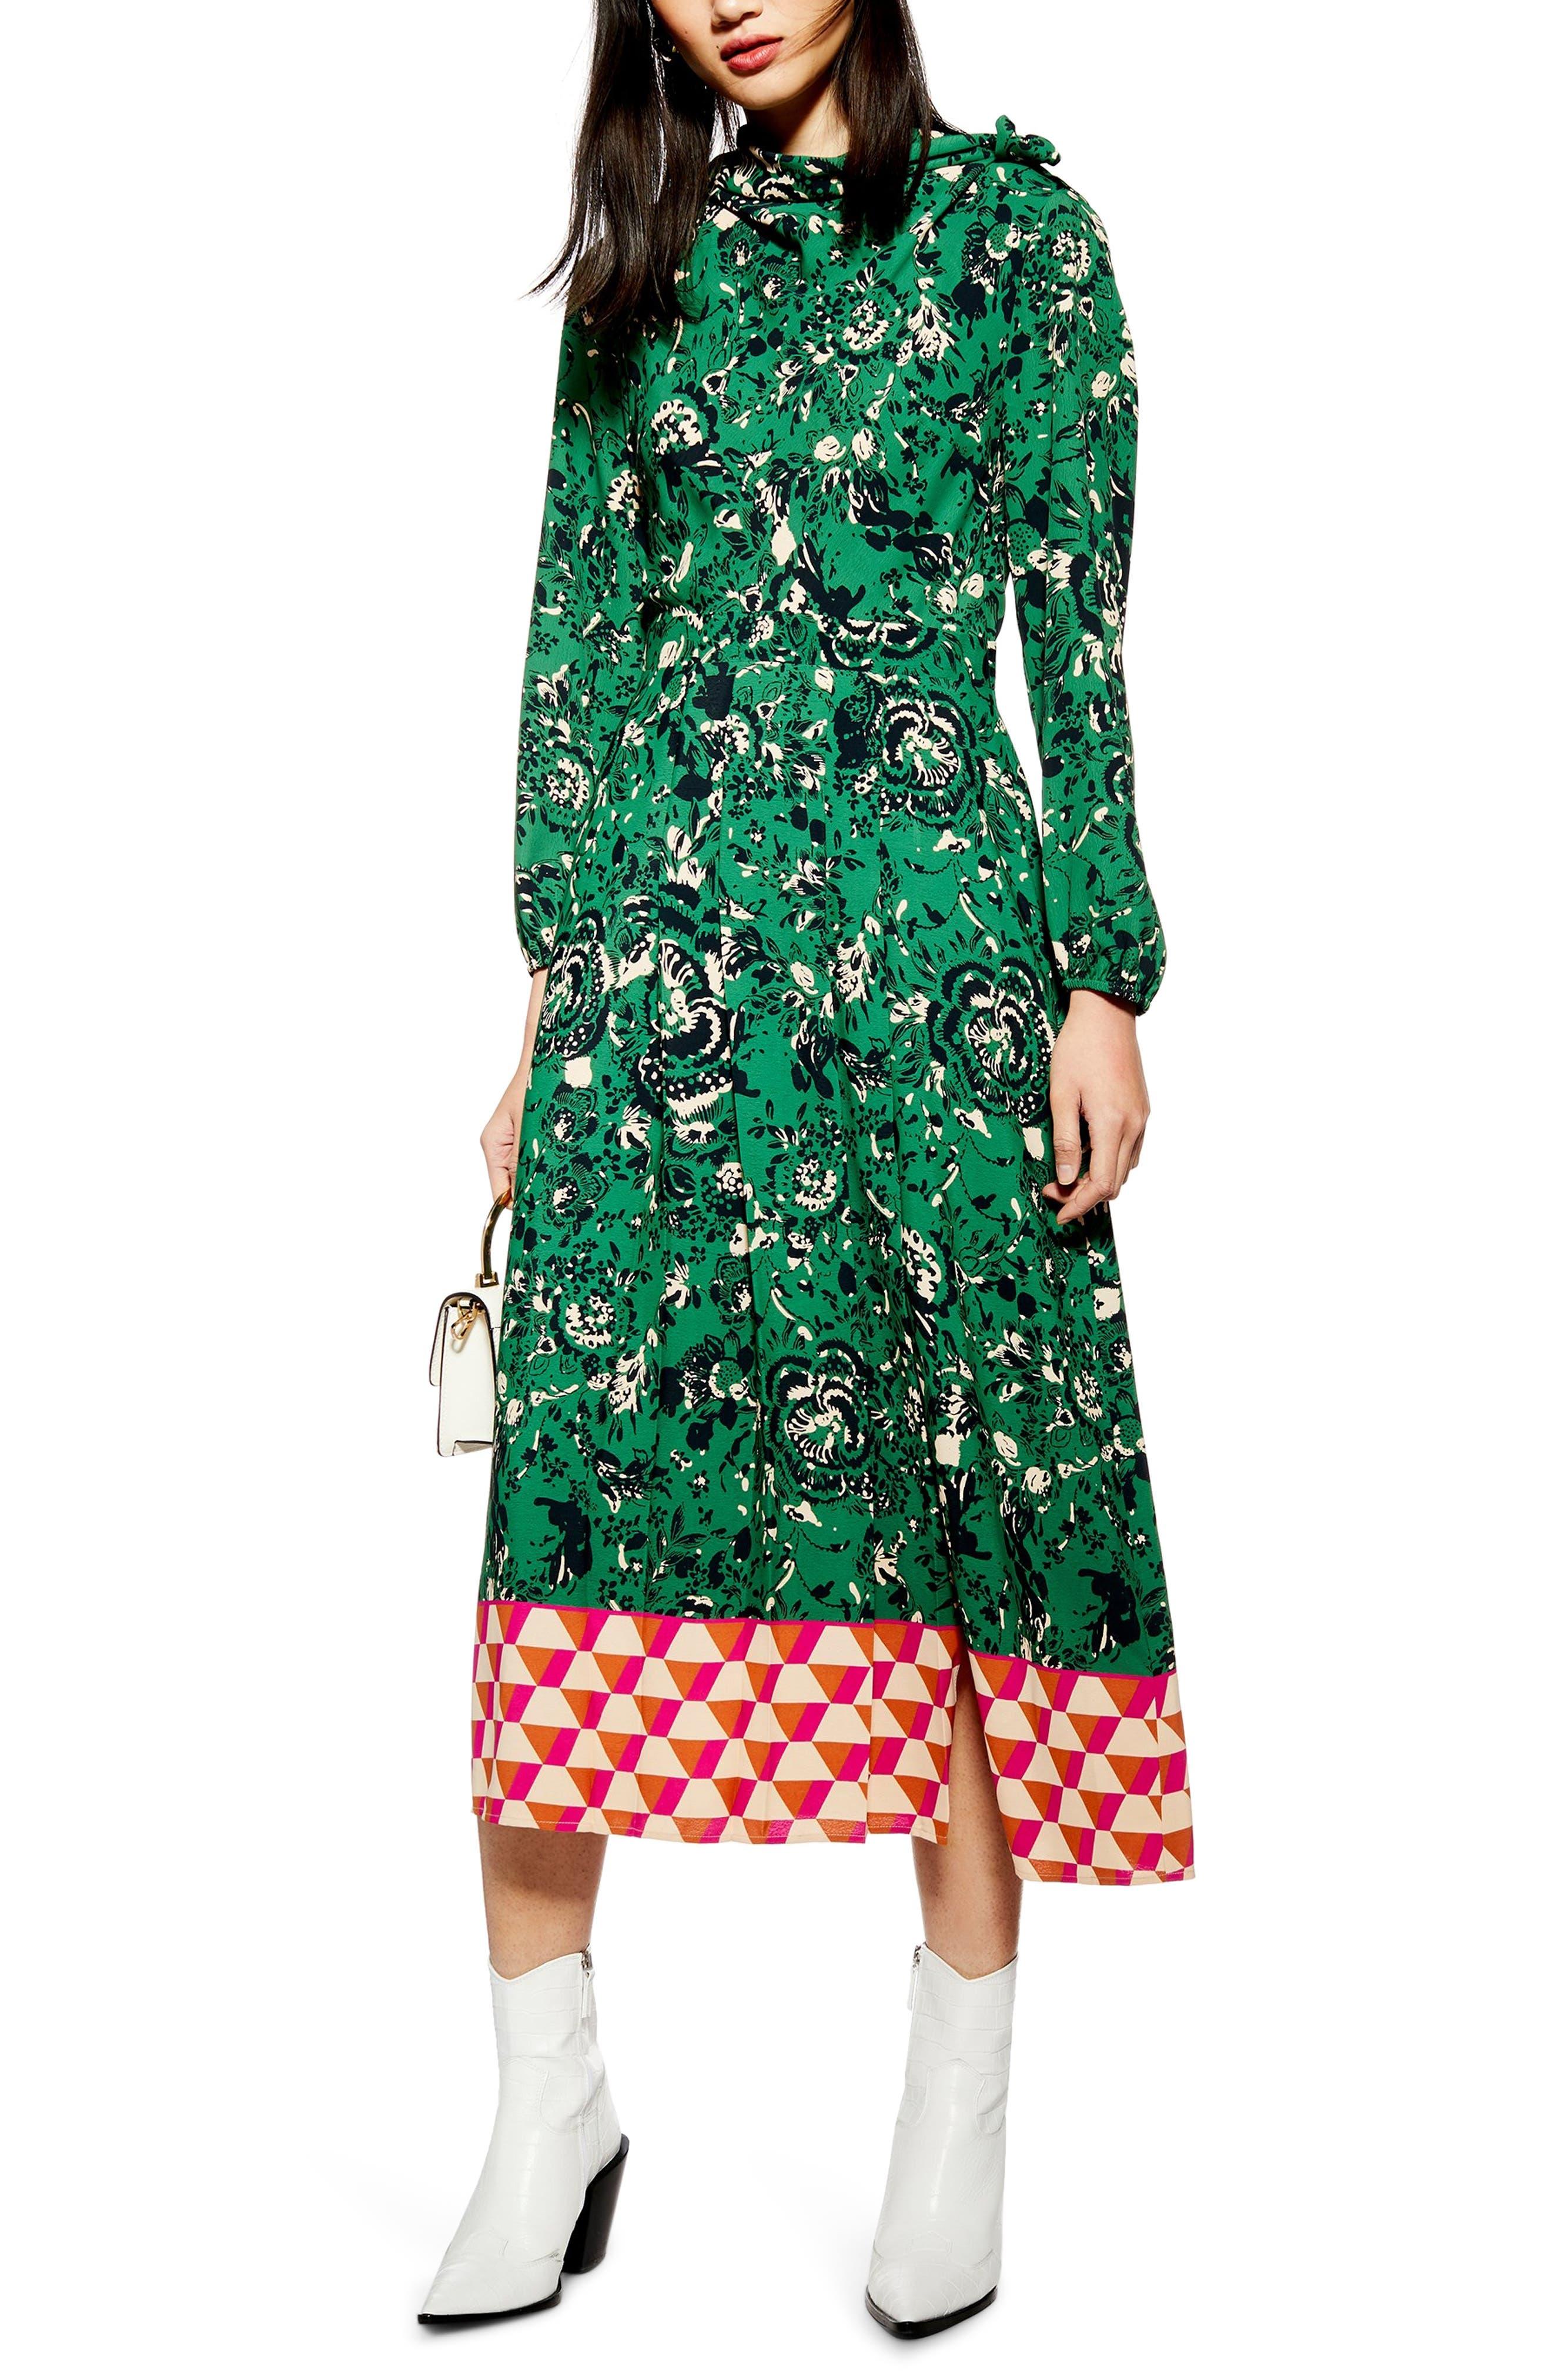 Topshop Geo Border Tie Neck Midi Dress, US (fits like 0-2) - Green